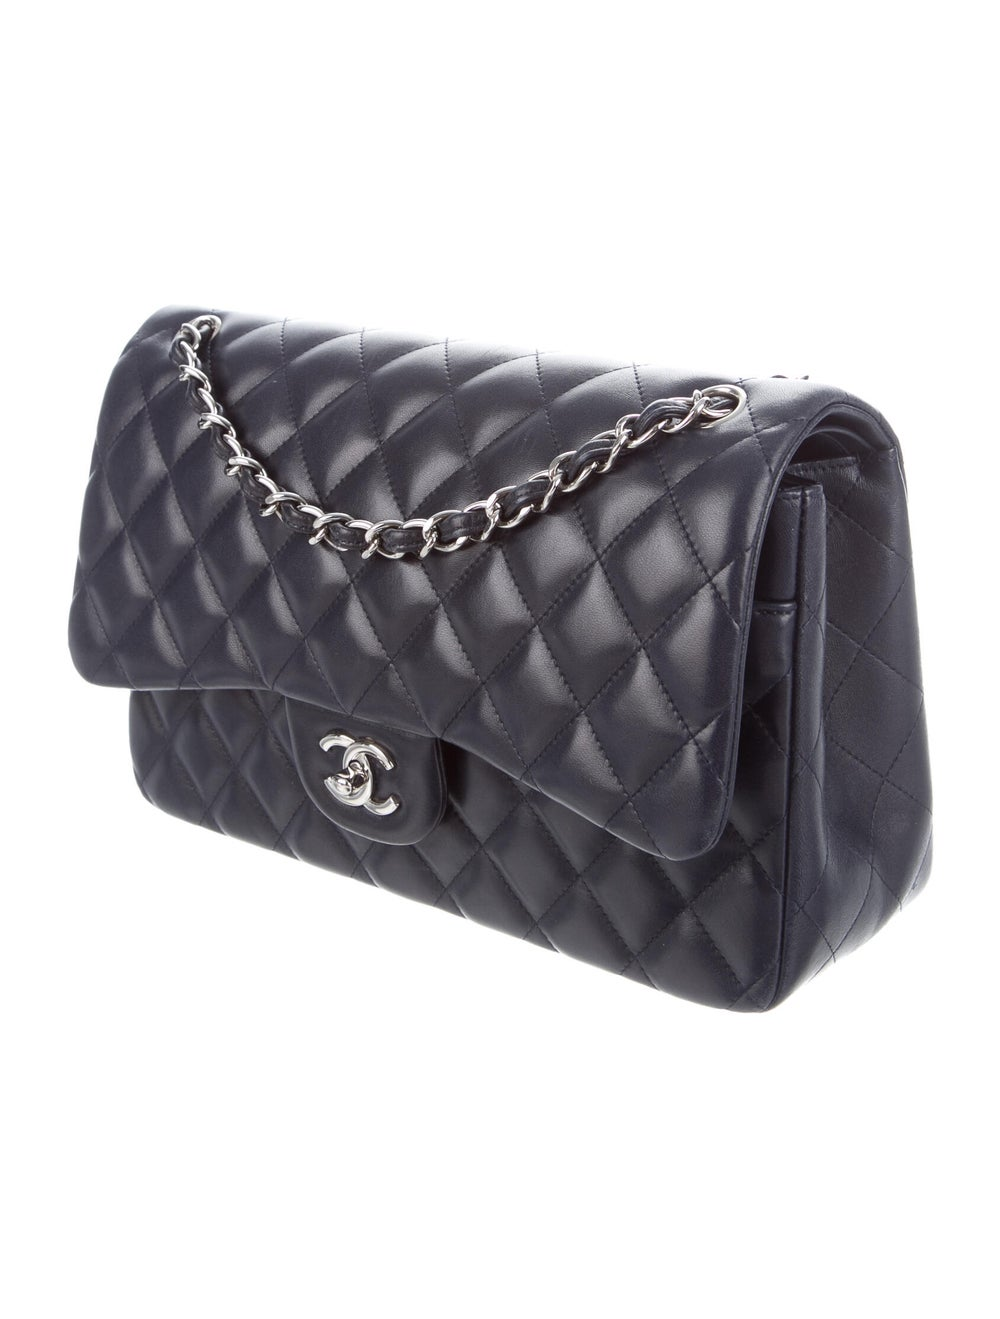 Chanel Classic Jumbo Double Flap Bag Navy - image 3